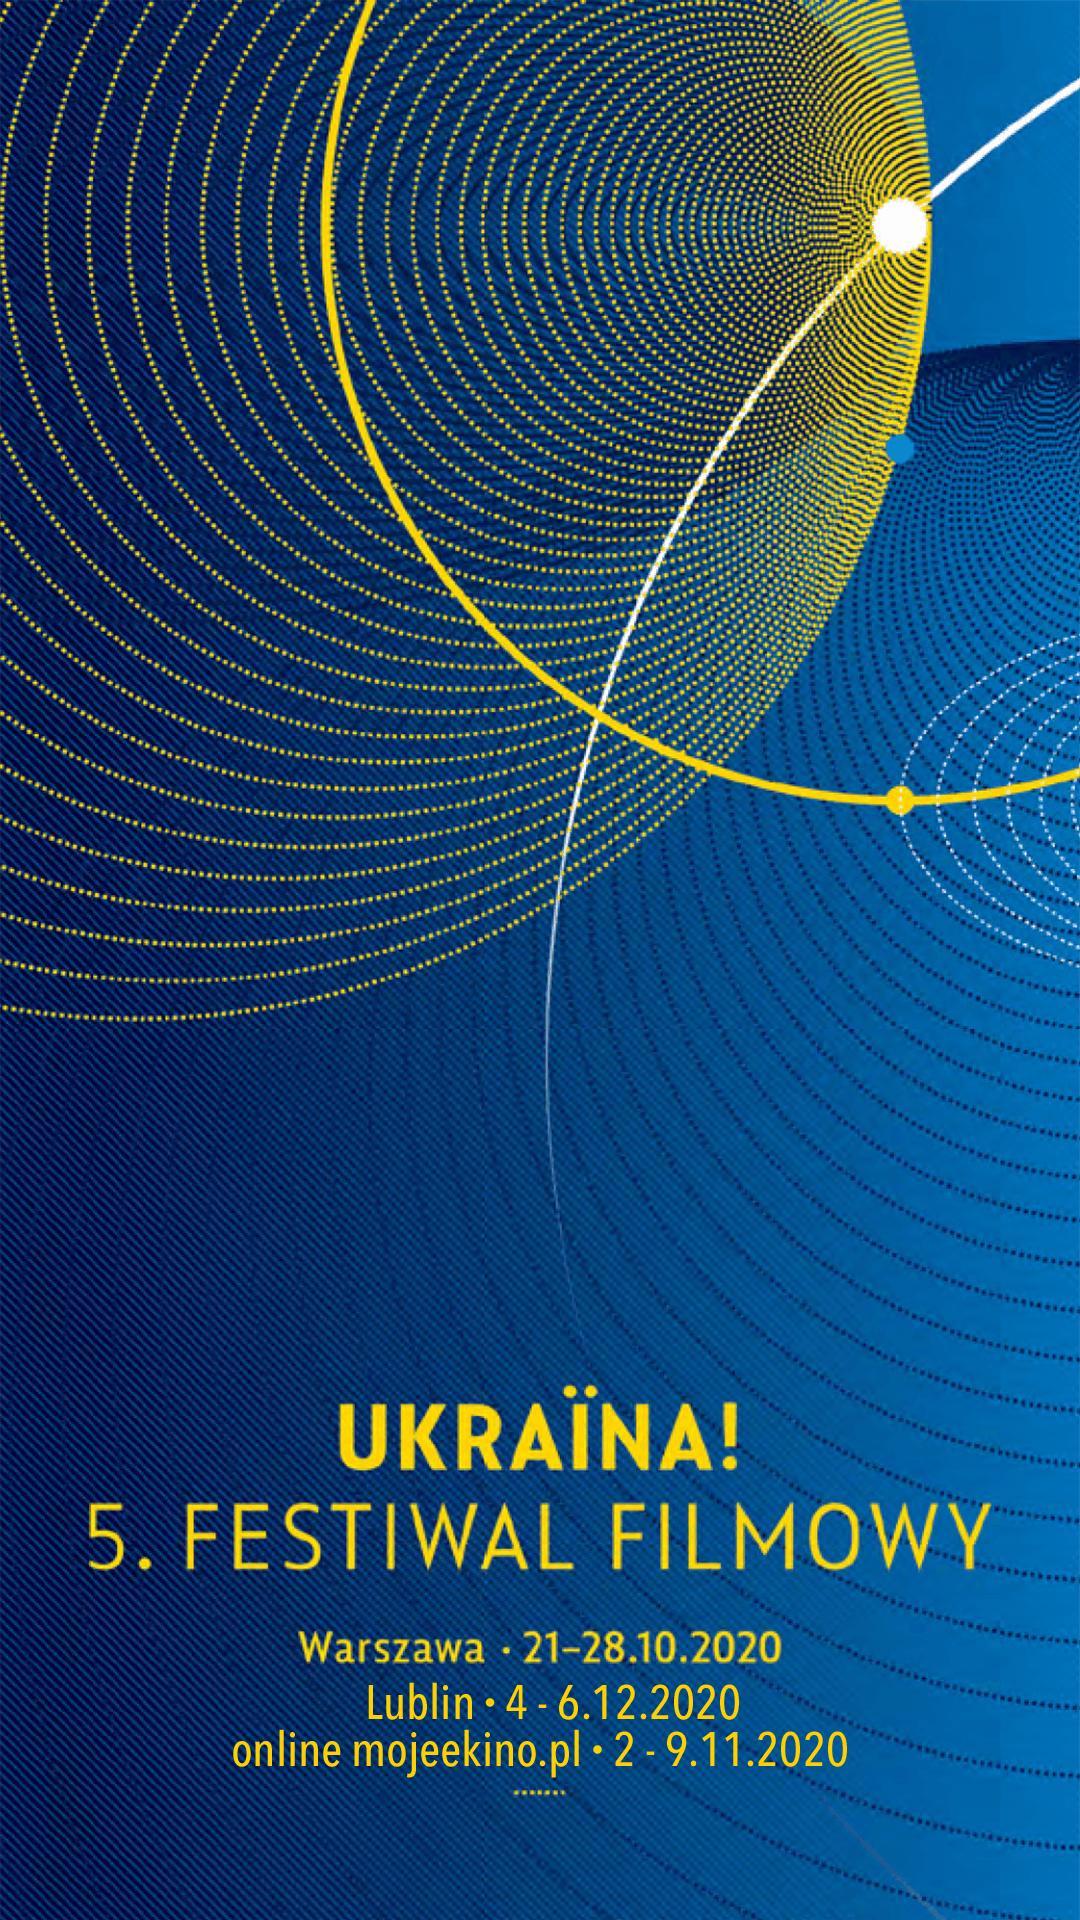 Ukraina! 5. Festiwal Filmowy: Współczesna animacja ukraińska